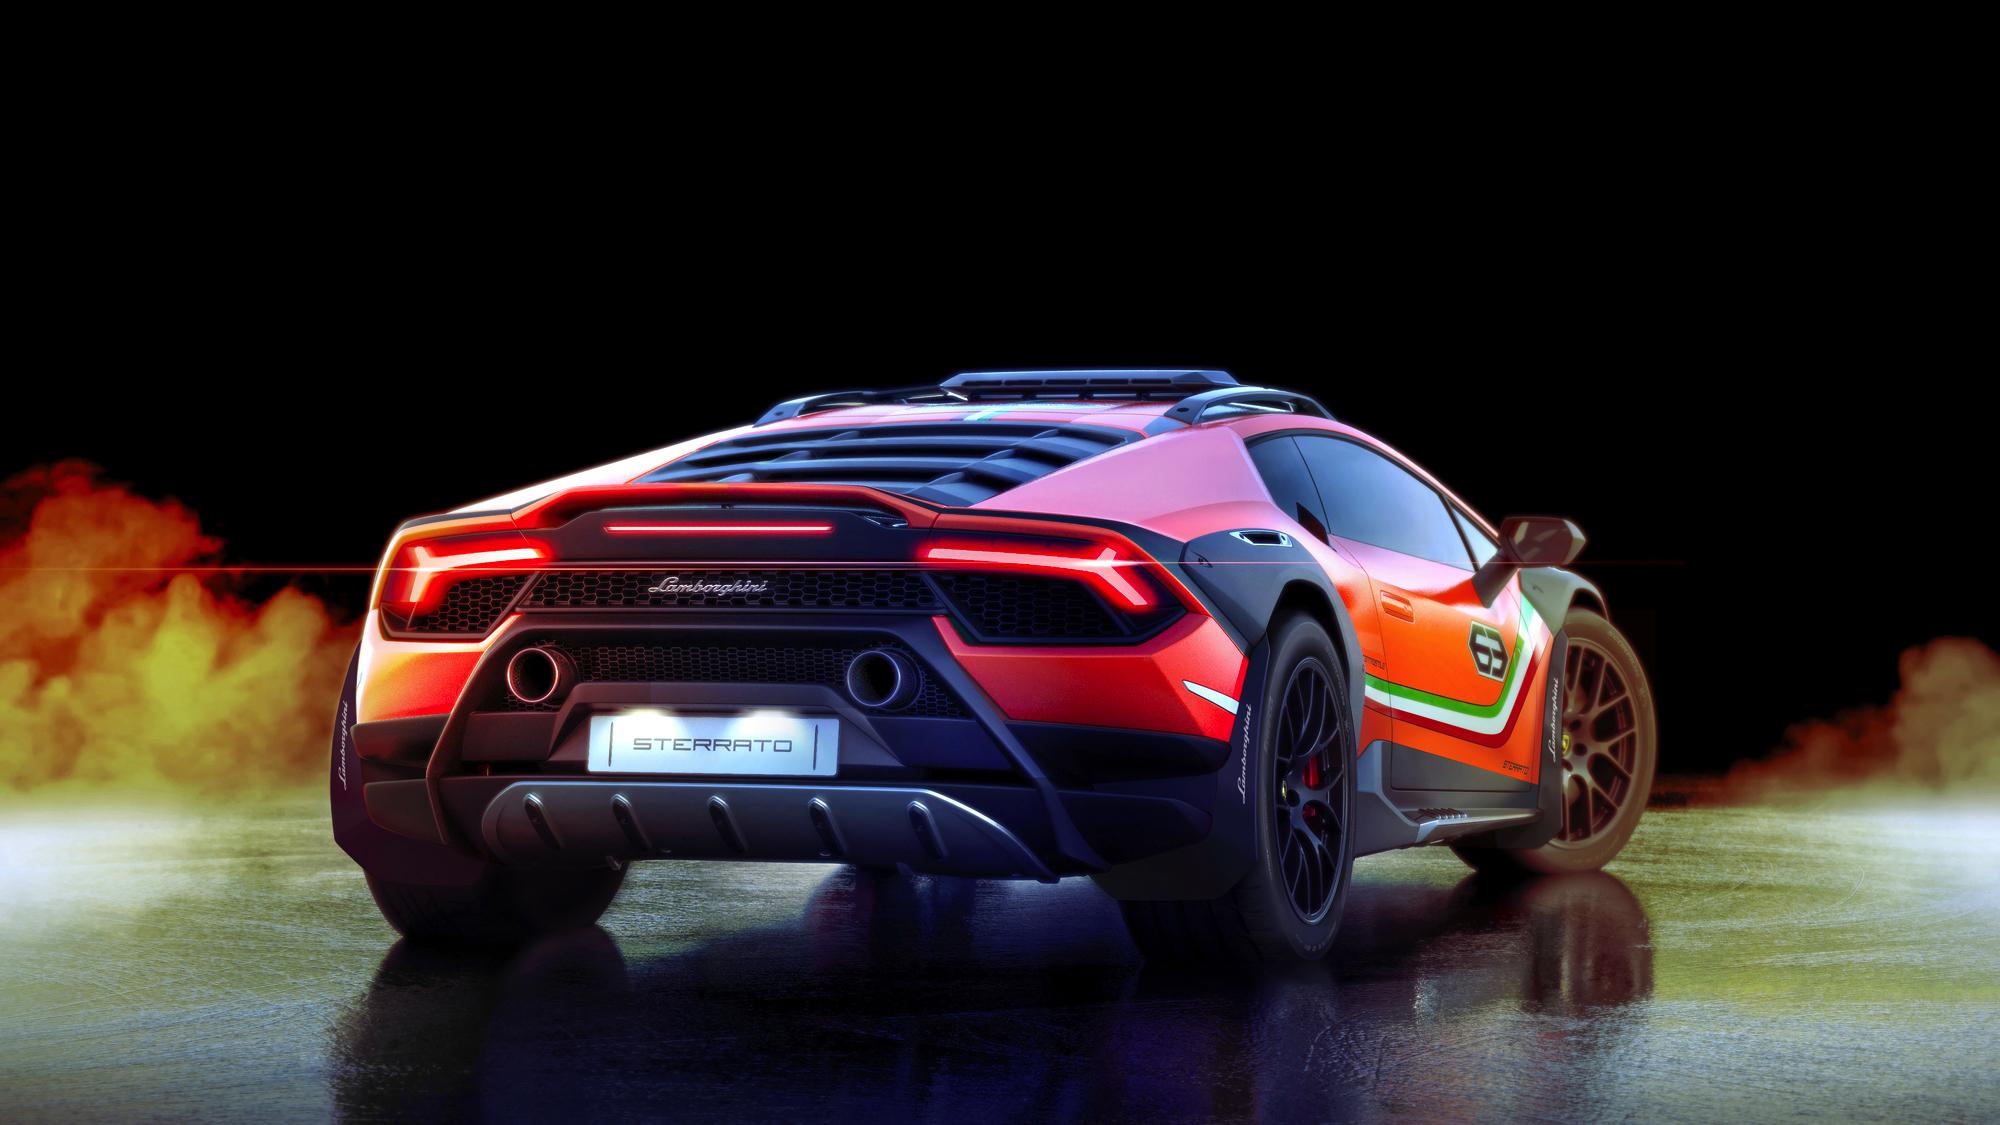 Lamborghini Huracan Sterrato